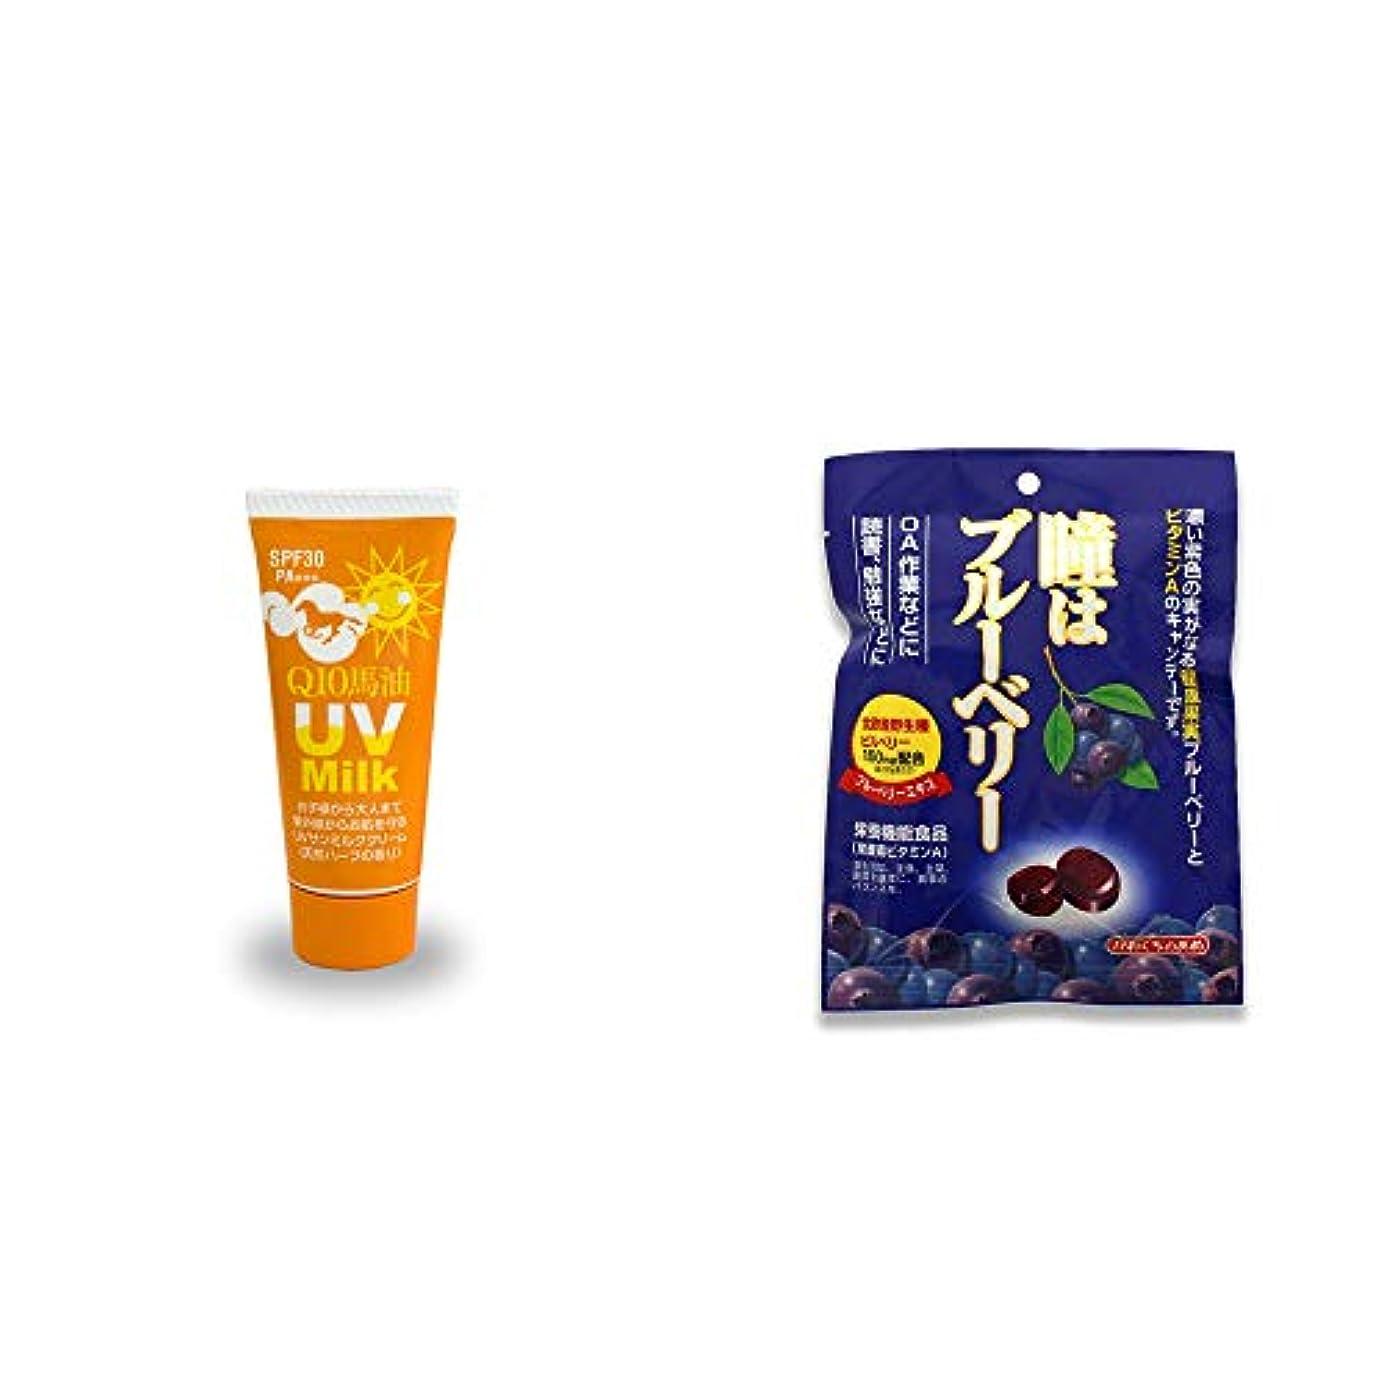 運命入力議題[2点セット] 炭黒泉 Q10馬油 UVサンミルク[天然ハーブ](40g)?瞳はブルーベリー 健康機能食品[ビタミンA](100g)